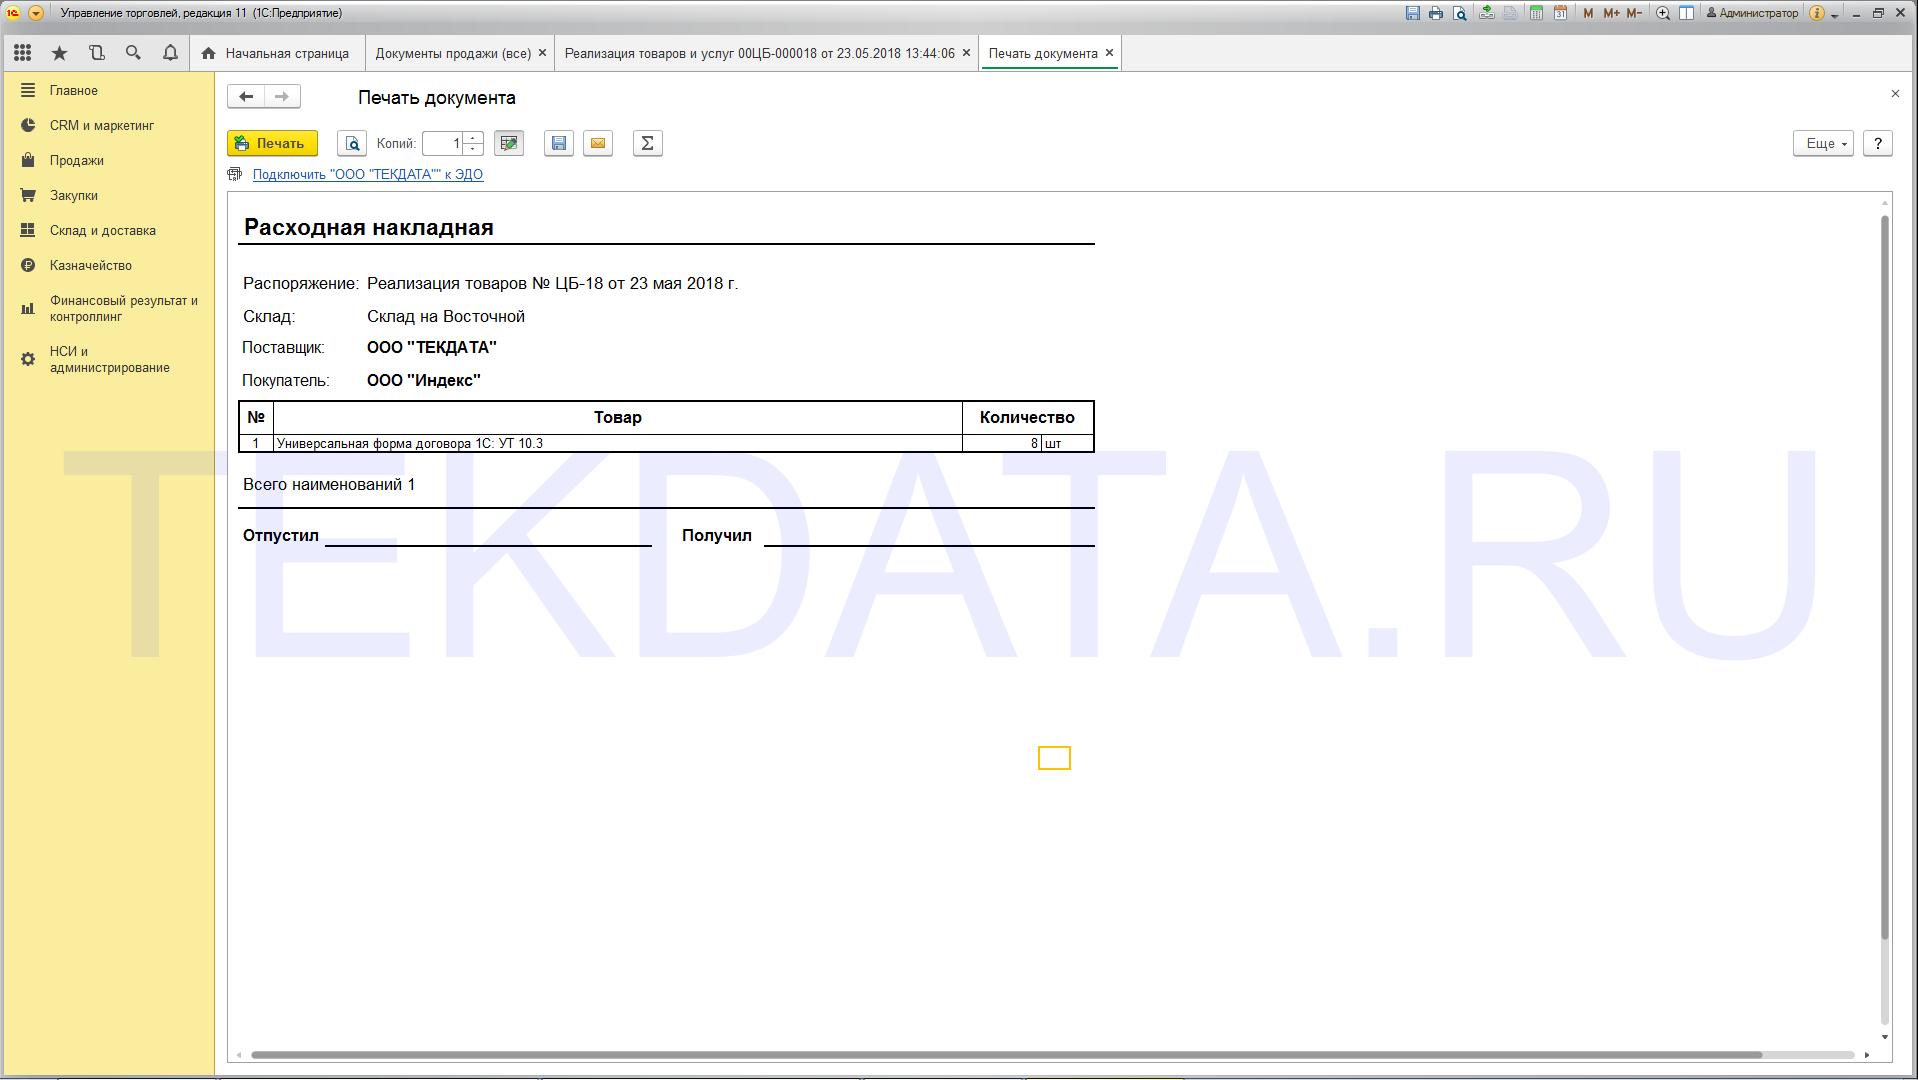 Расходная накладная для реализации в 1С:УТ 11.3 (внешняя печатная форма)